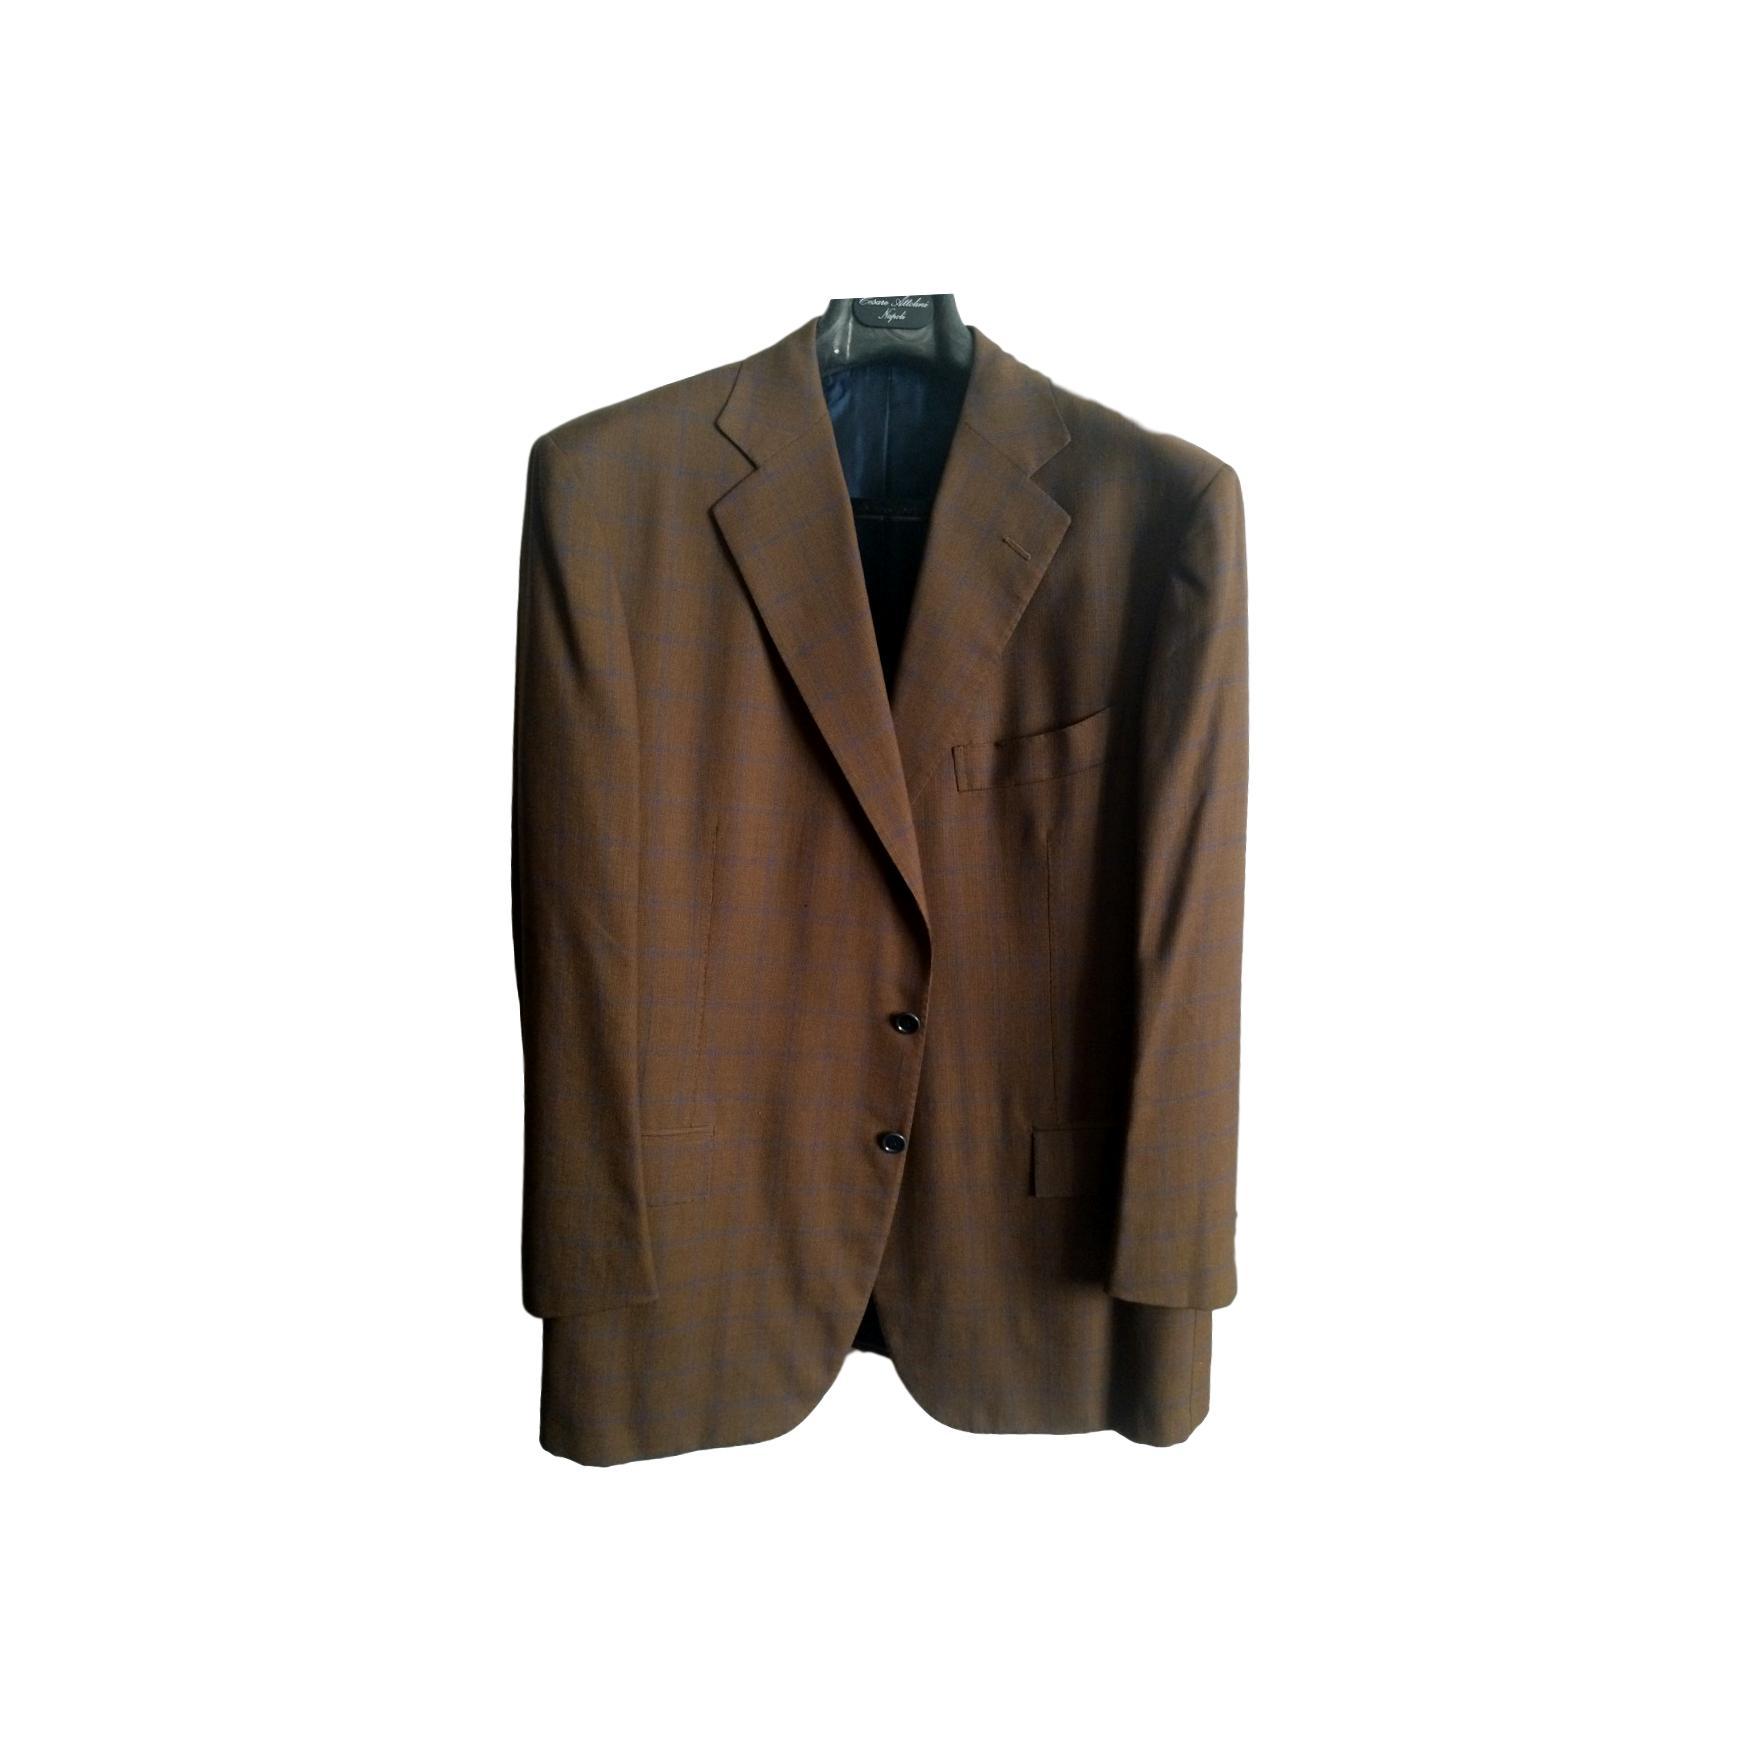 786a6904d2f7 Купить пиджак Cesare Attolini за 45000 руб. в интернет магазине ...